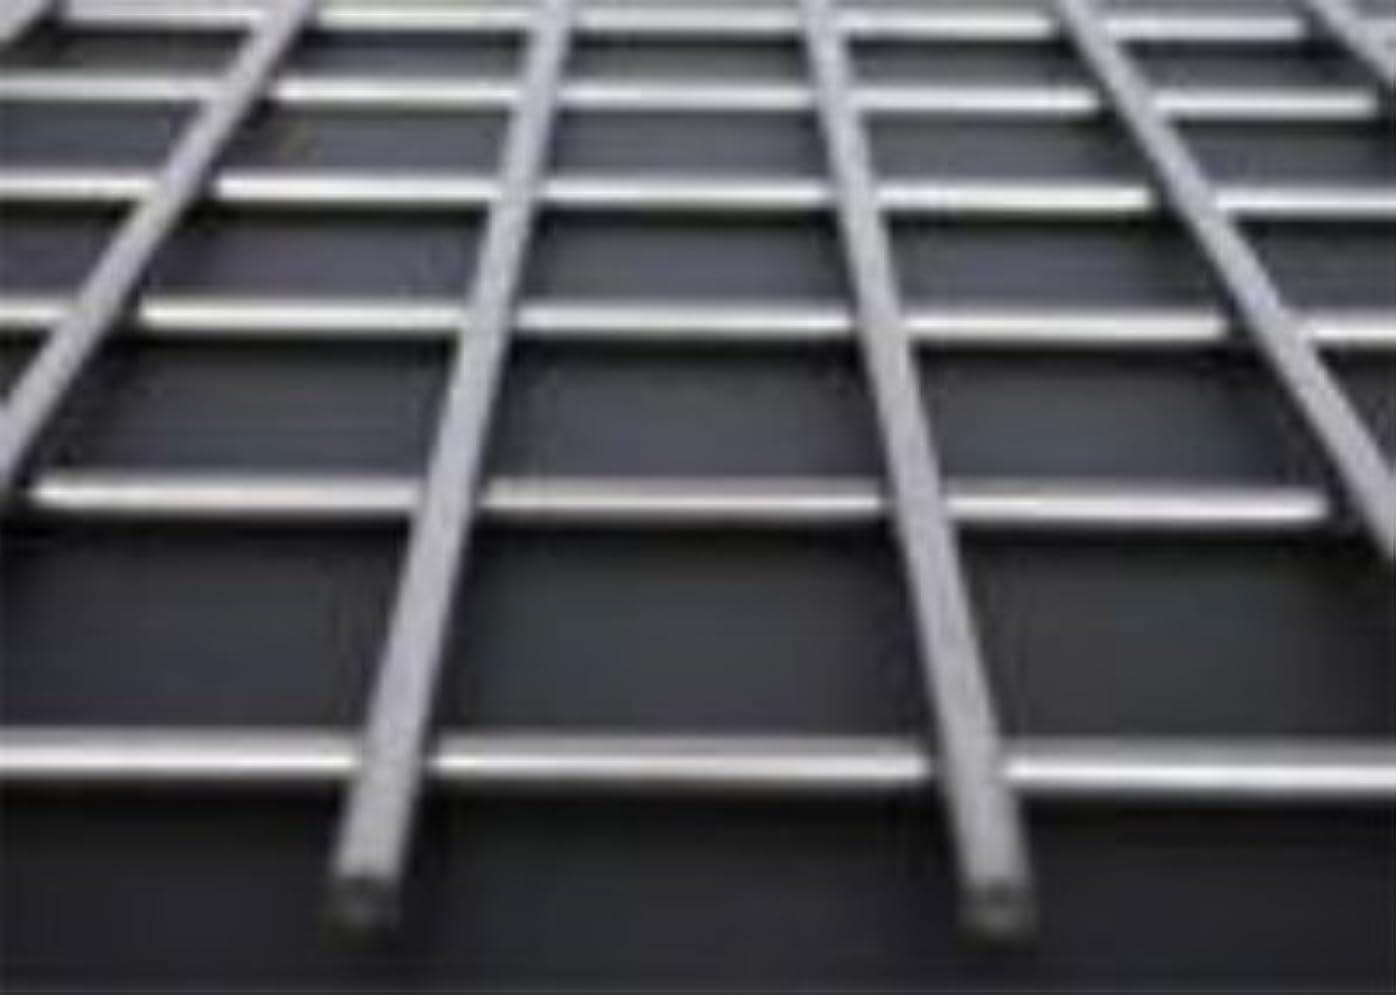 一節アーネストシャクルトン序文ステンレス SUS304 ファインメッシュ 溶接金網 目開き(mm):11.3 線径(mm):1.4